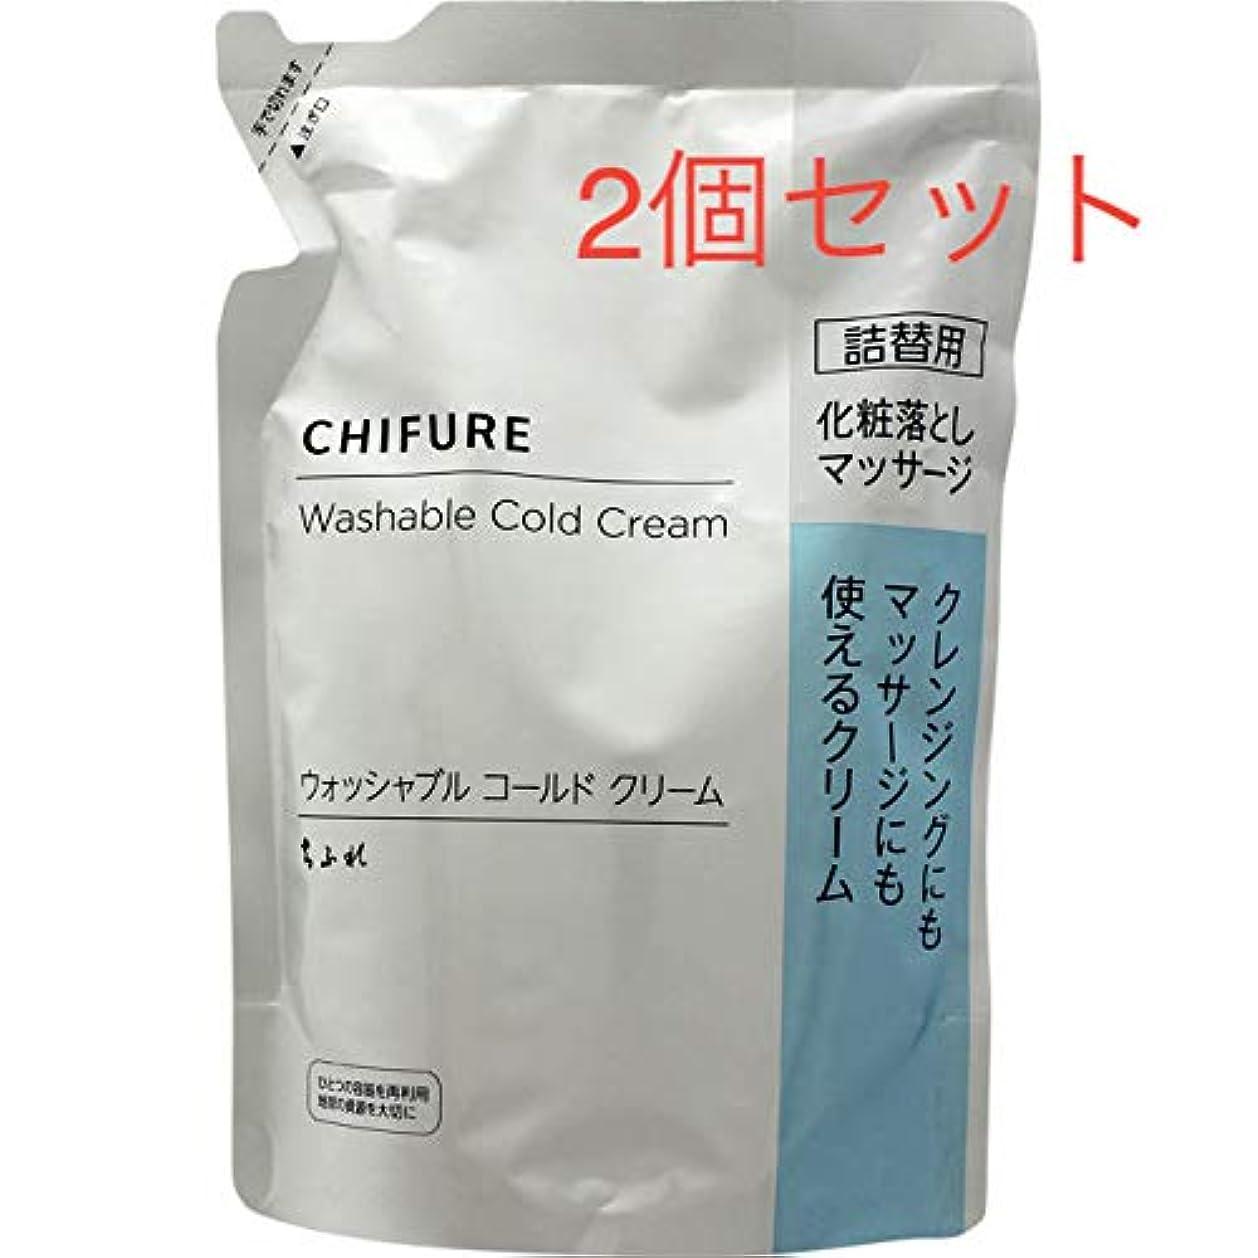 バイオリニスト利用可能技術ちふれ化粧品 ウォッシャブルコールドクリームN詰替 300g 2個セット